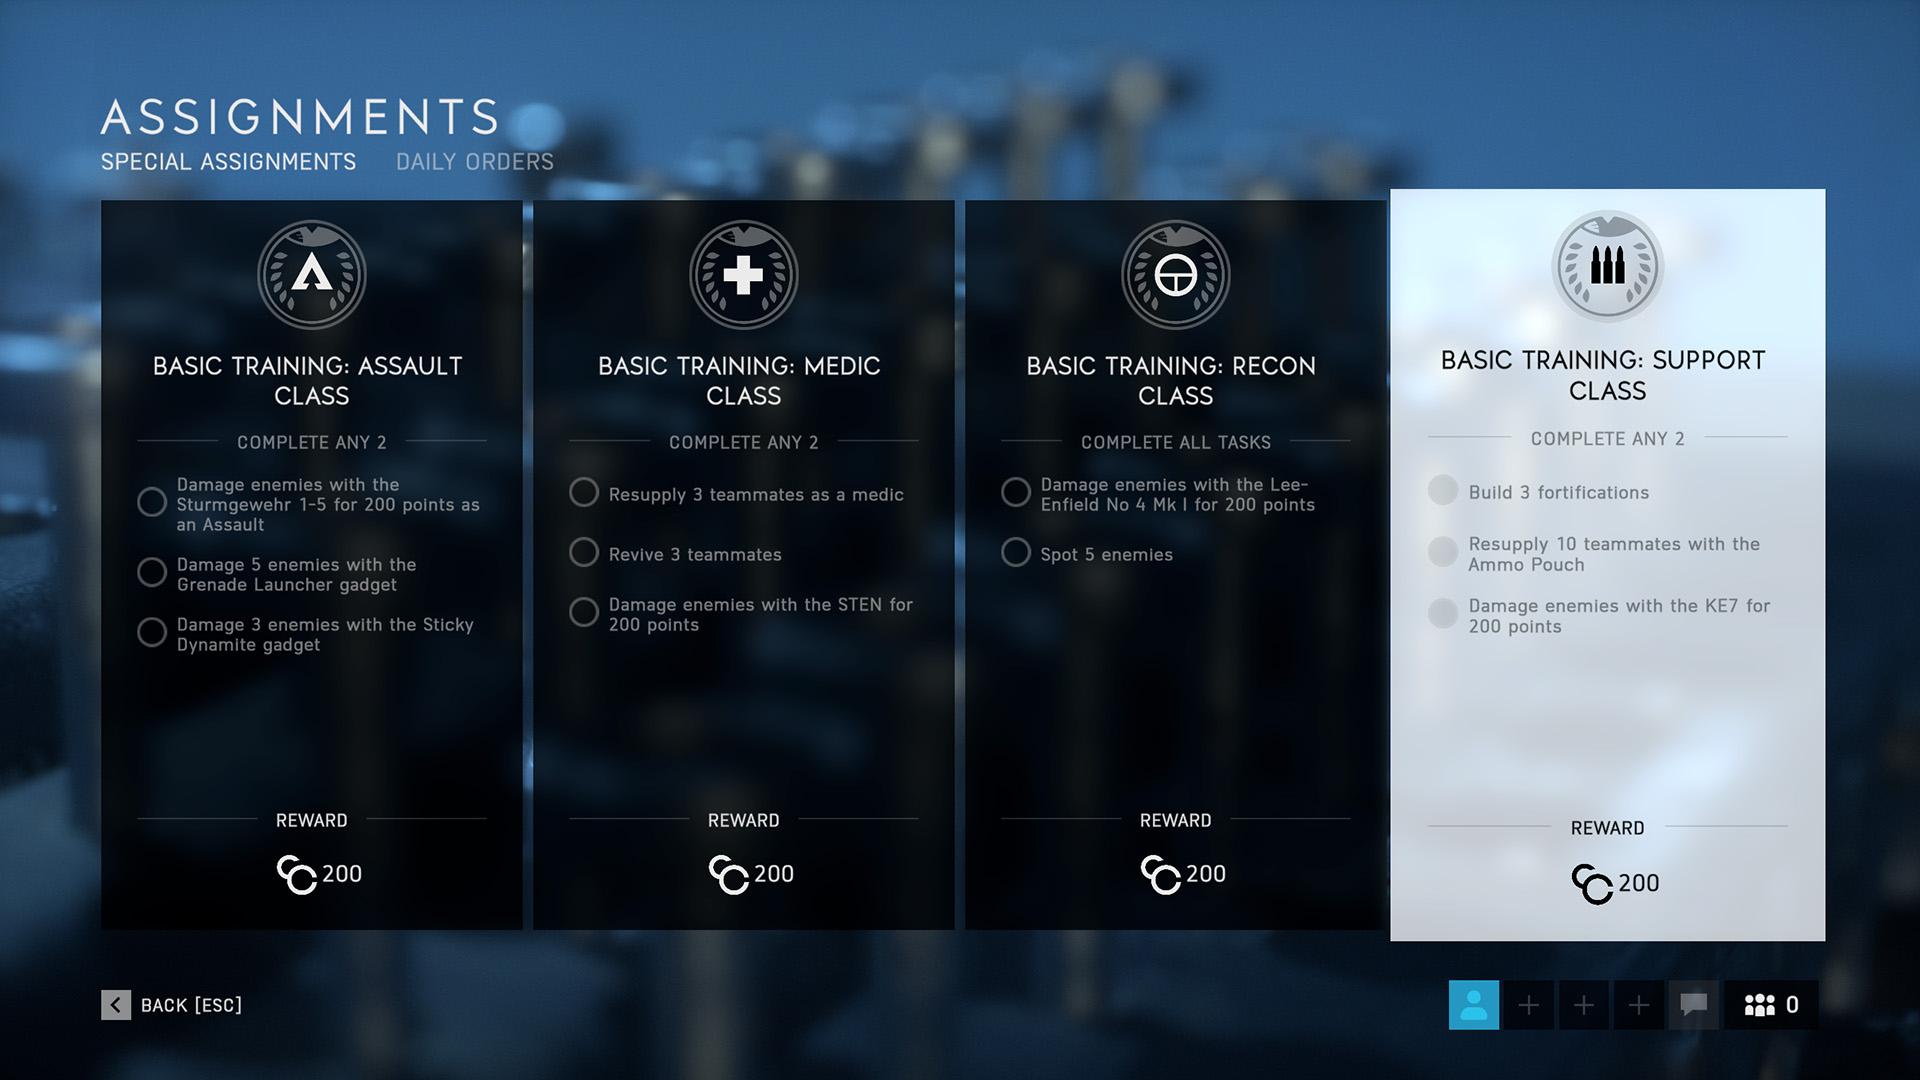 Battlefield V Screenshot 2018_0034_Battlefield V Screenshot 2018.11.11 - 20.29.20.77.jpg